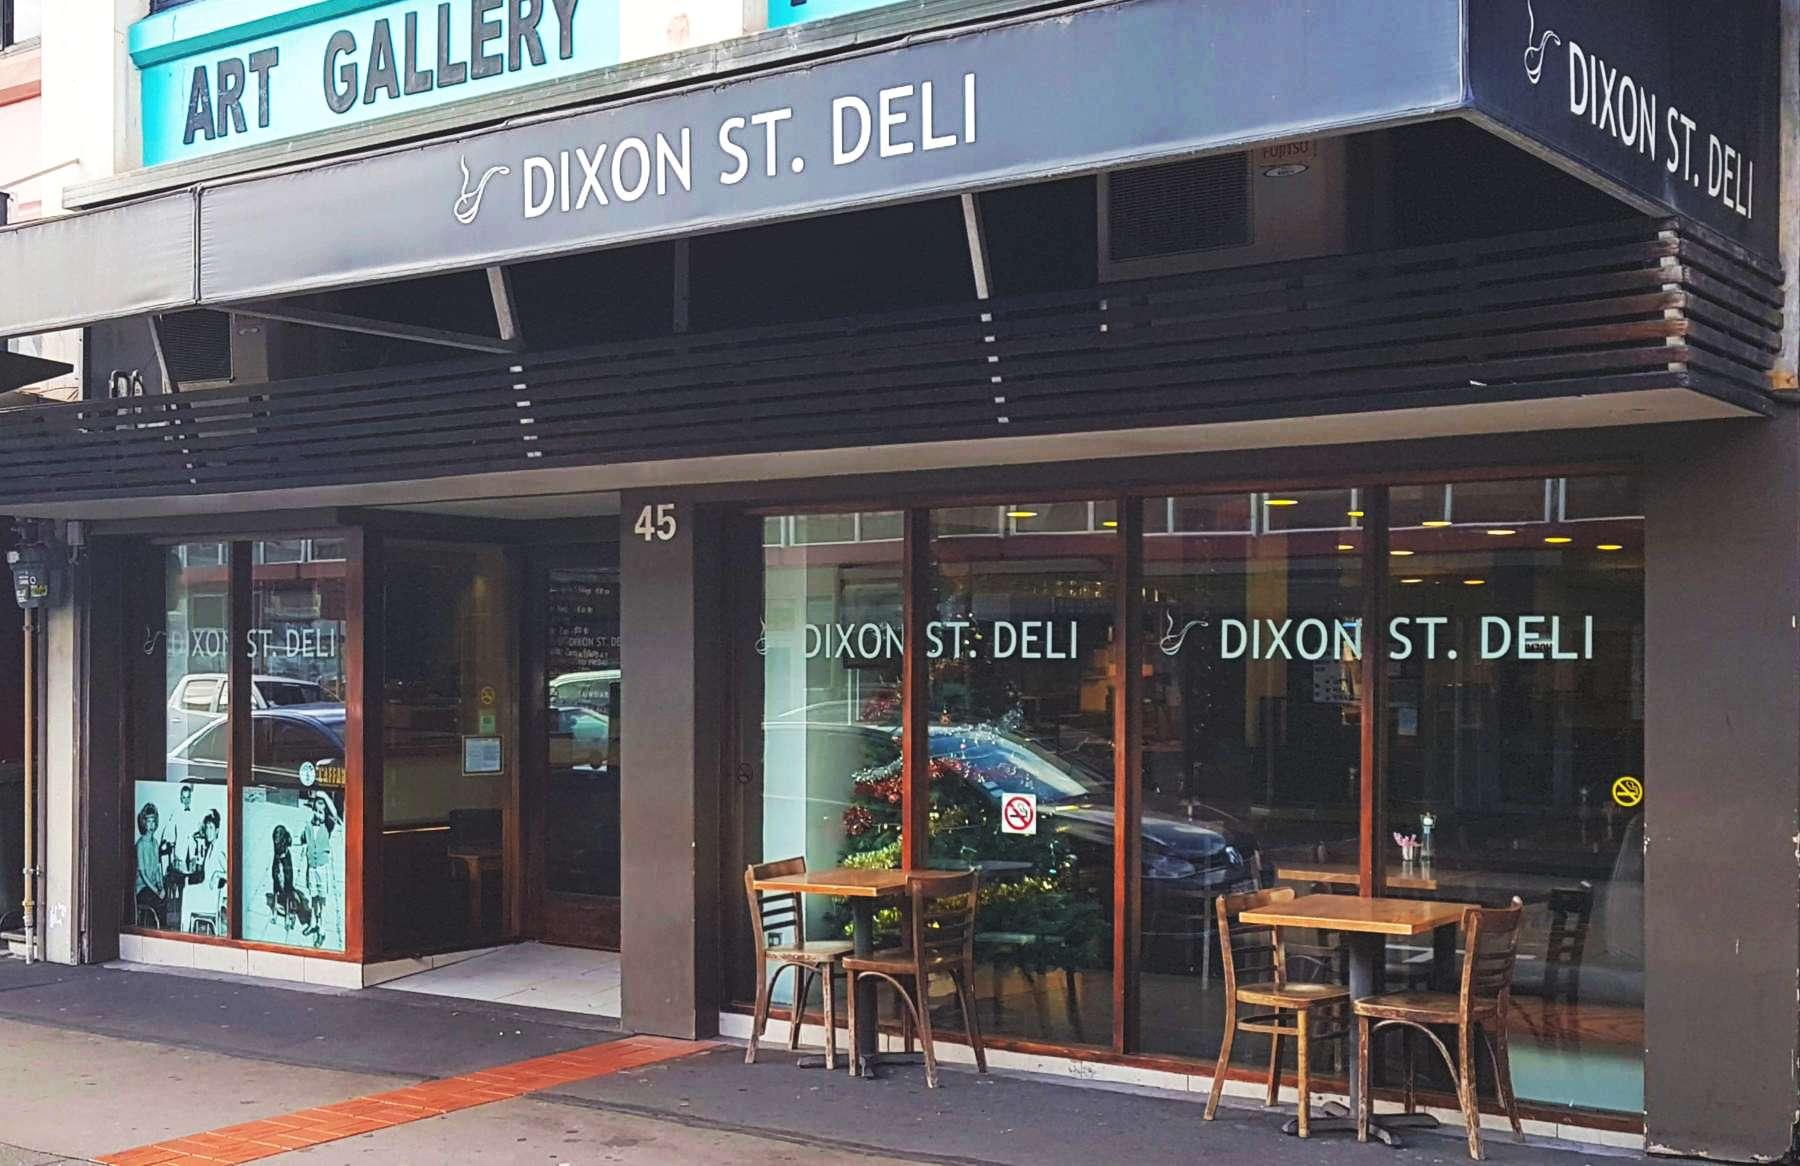 Dixon St Deli exterior